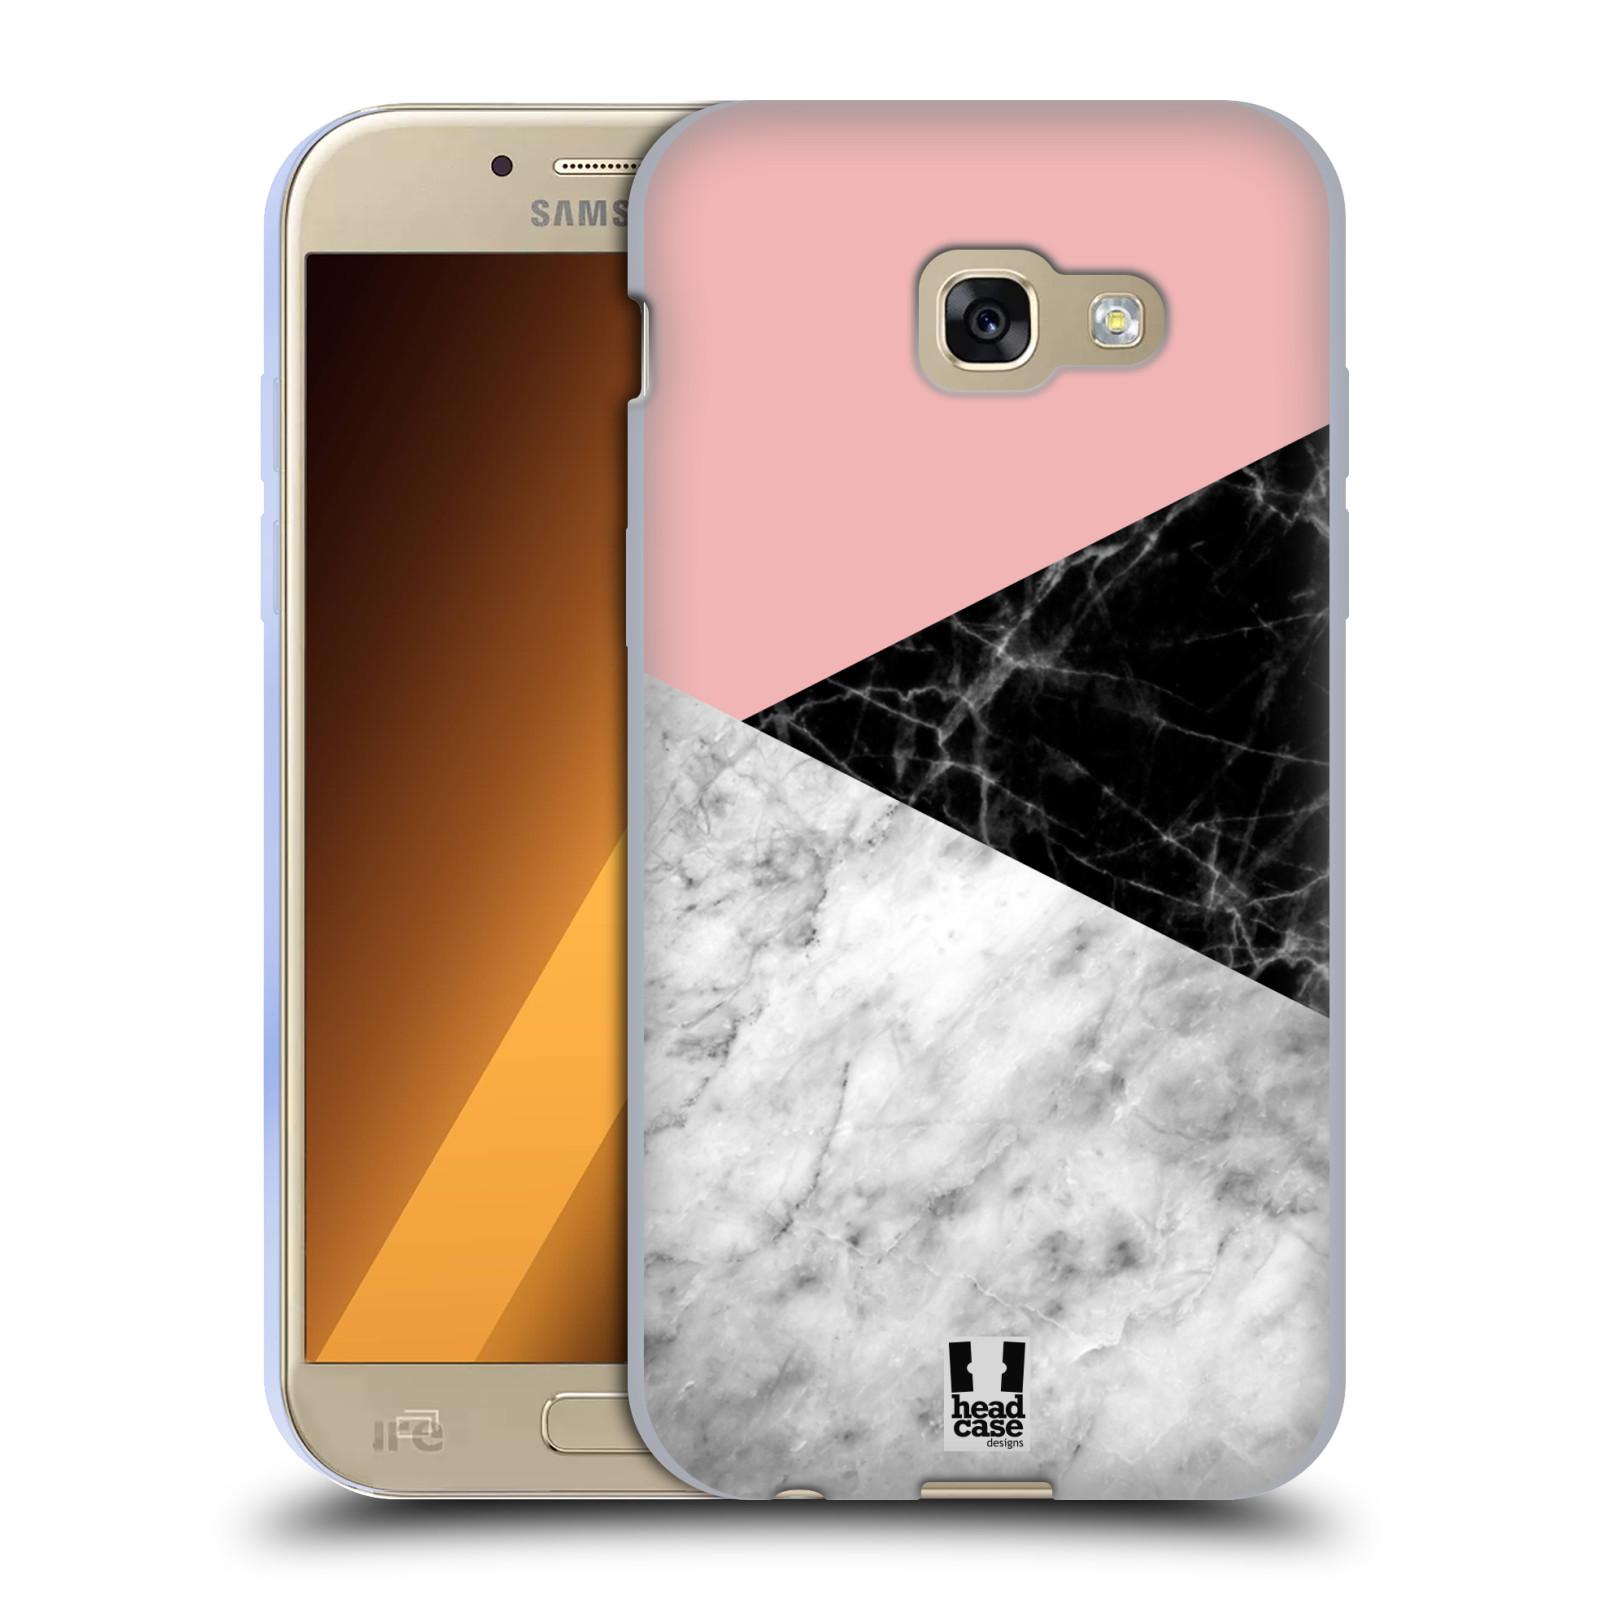 Silikonové pouzdro na mobil Samsung Galaxy A5 (2017) - Head Case - Mramor mix